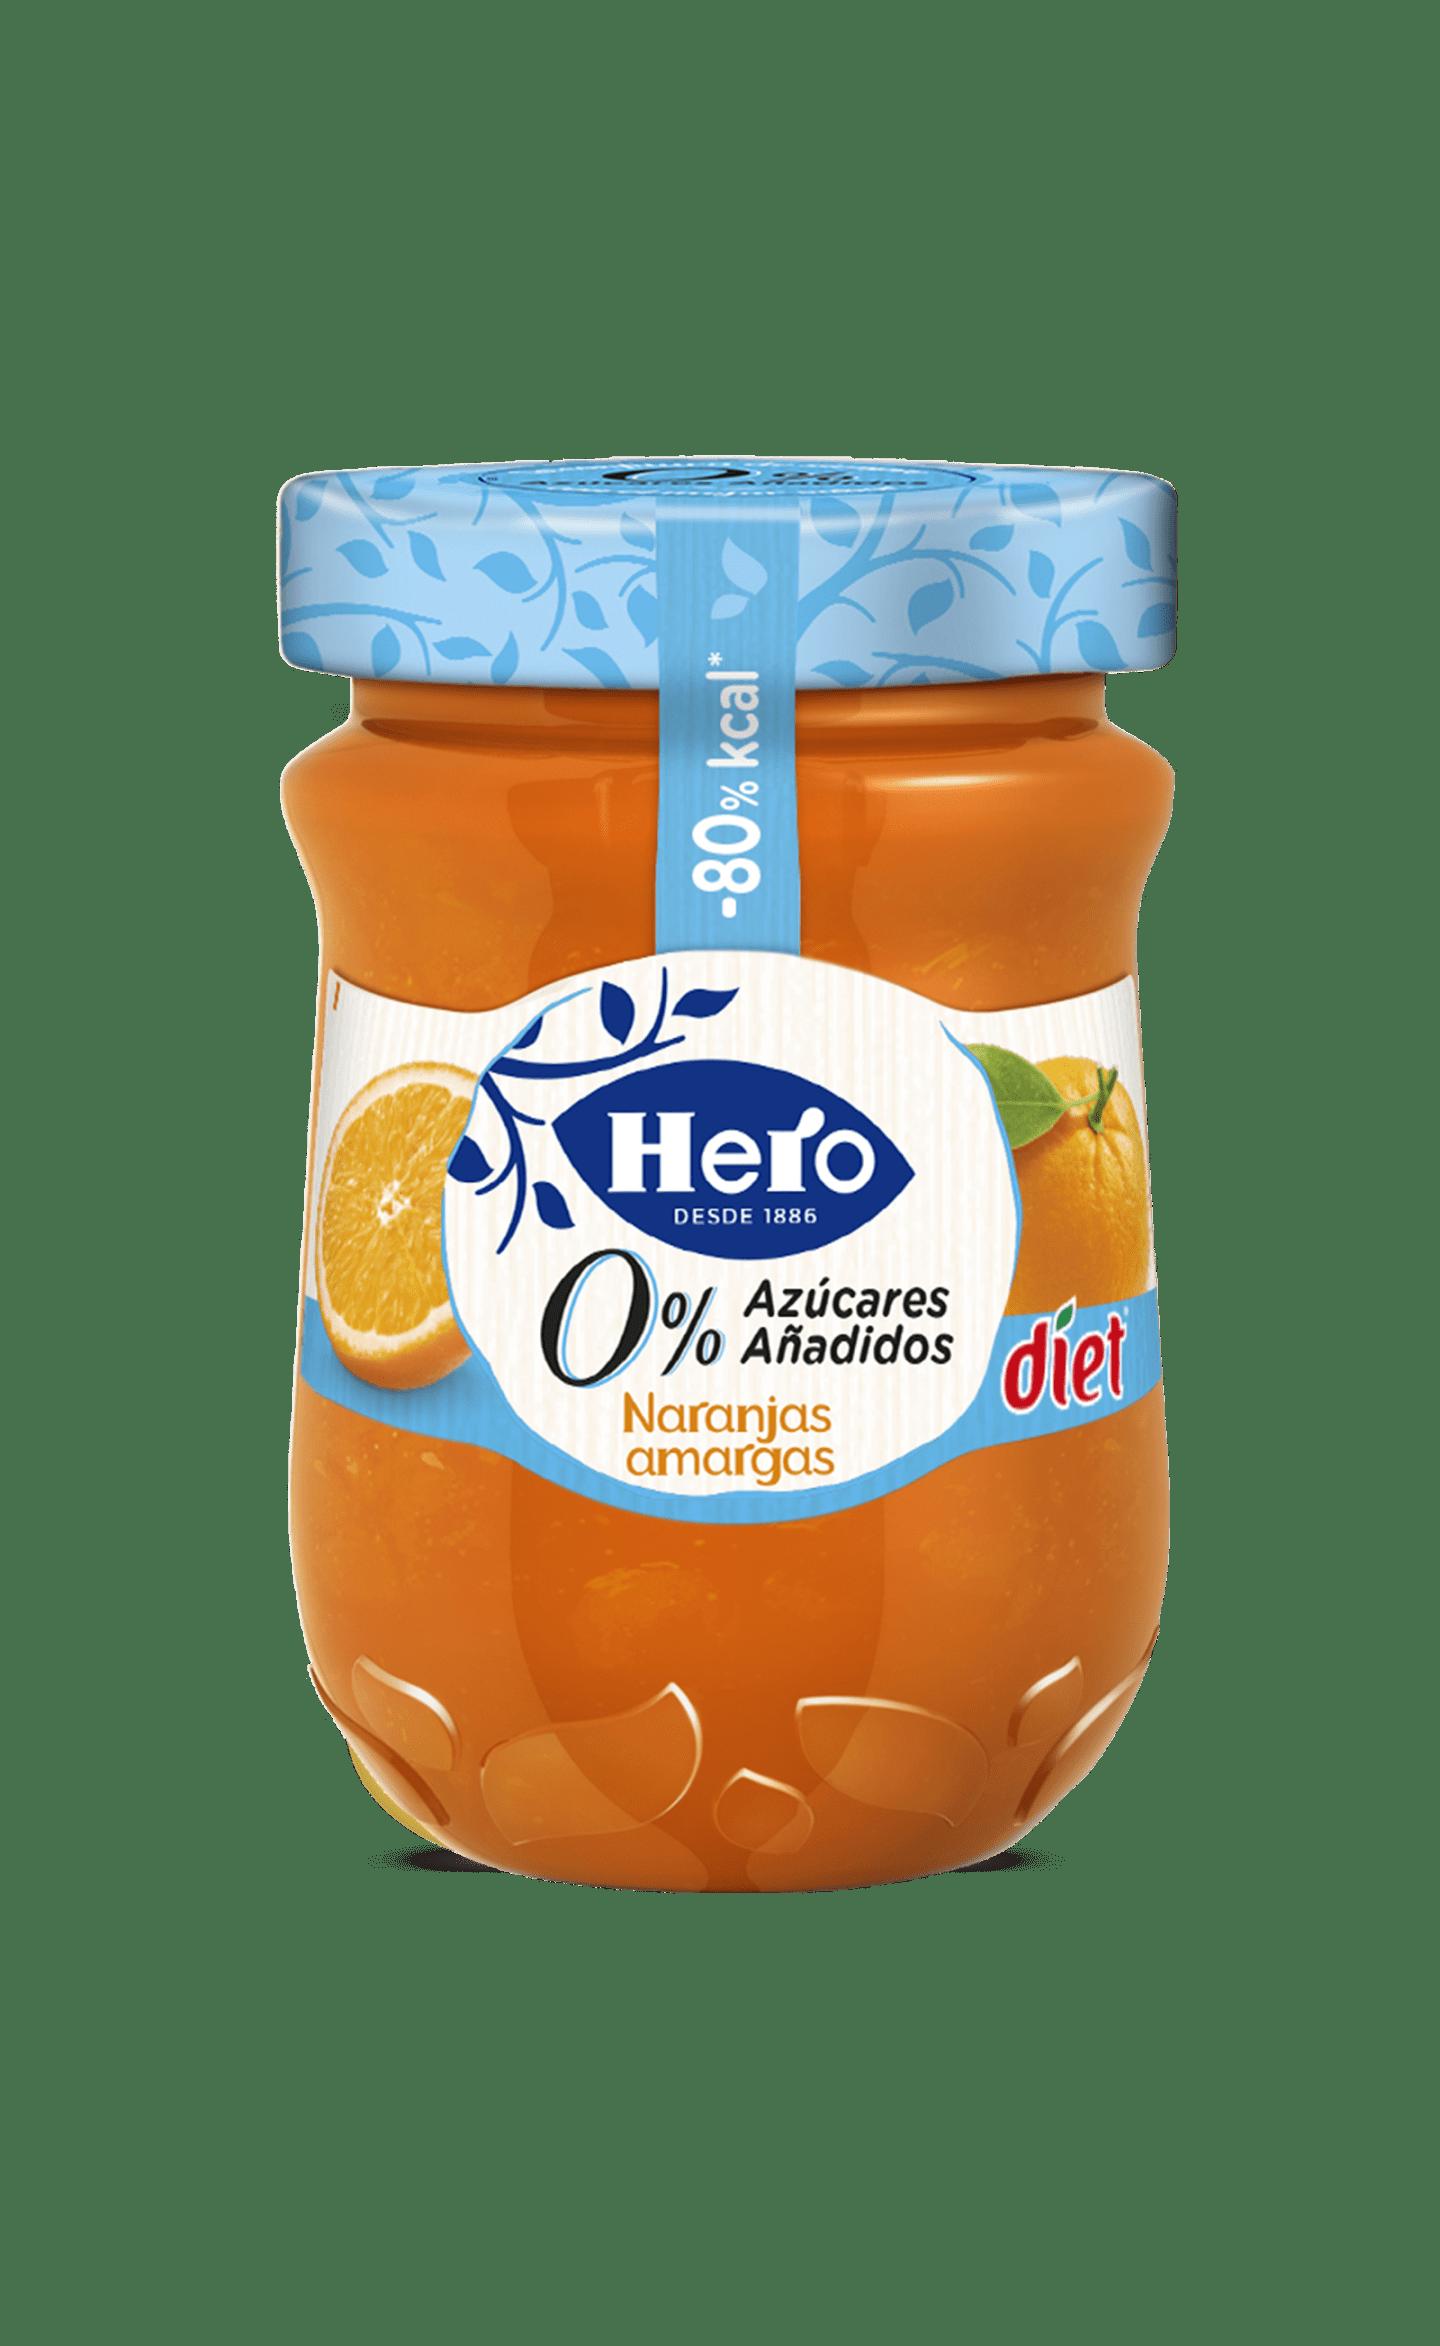 Confitura Diet Naranja Amarga